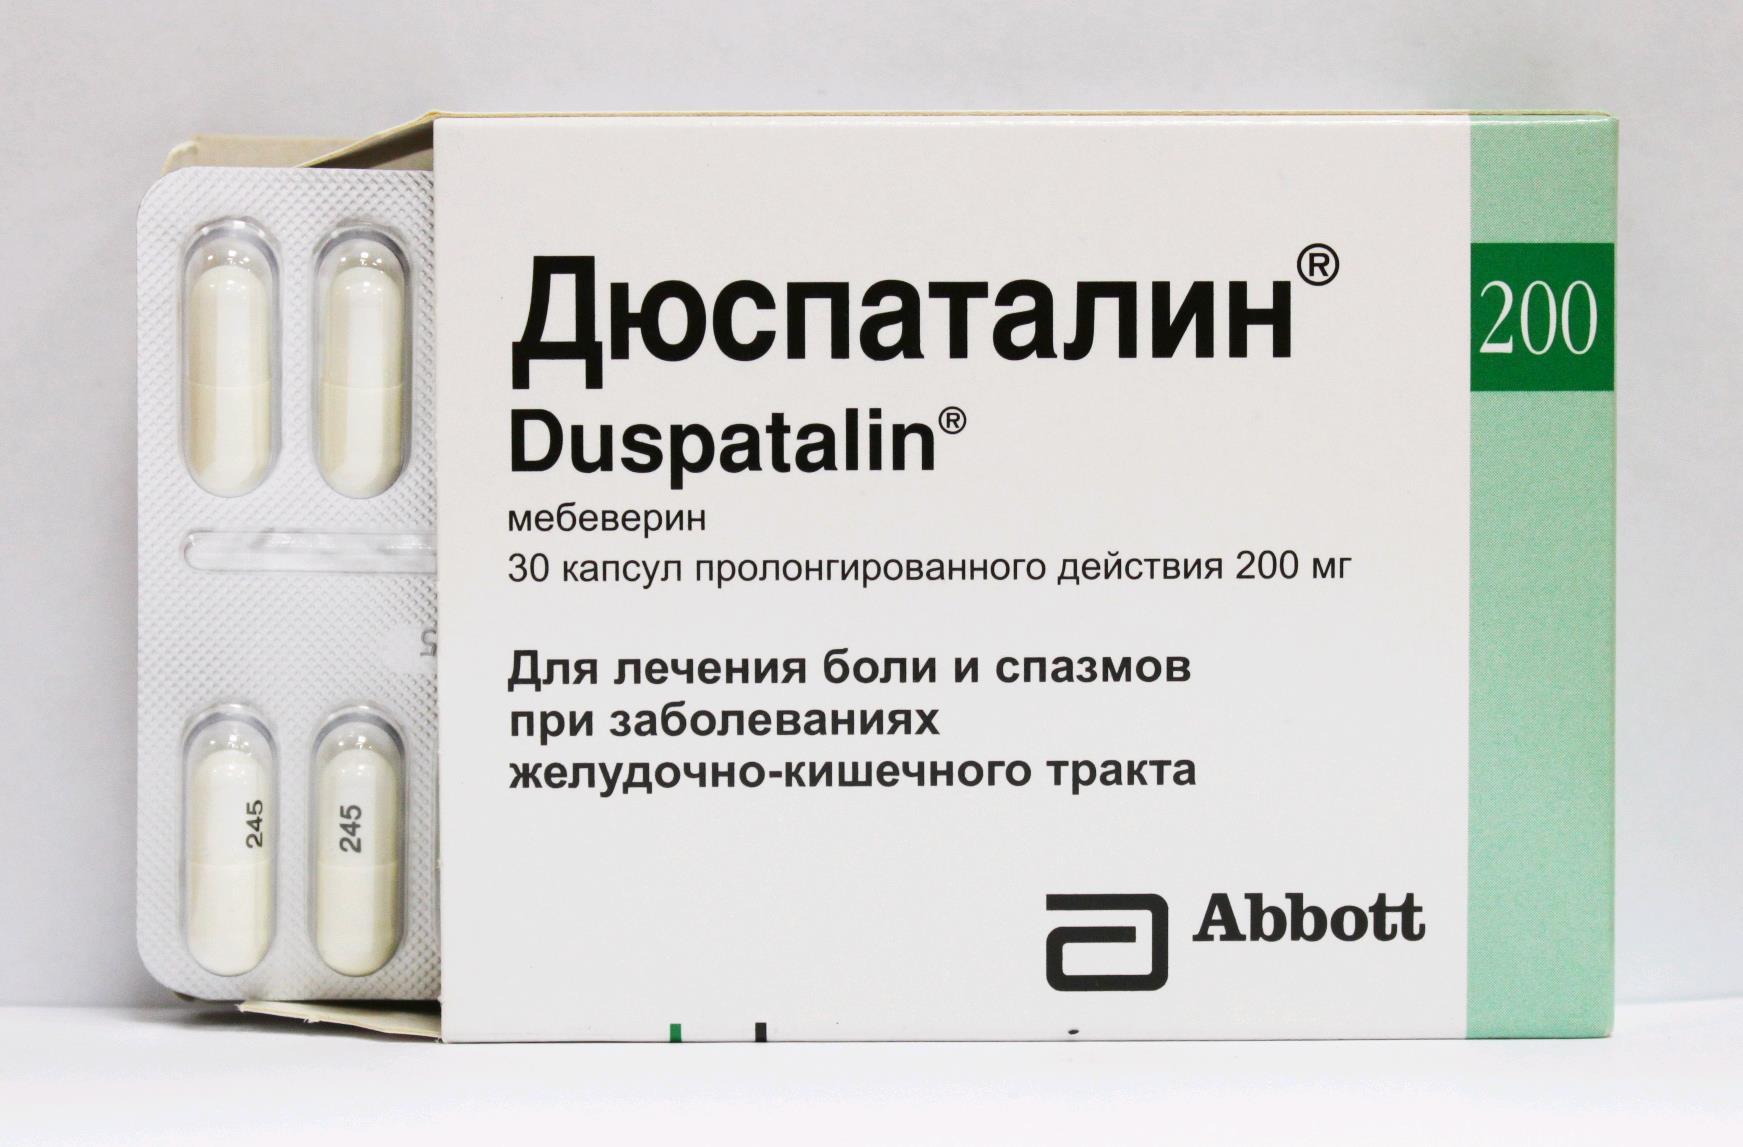 Капсулы дюспаталин